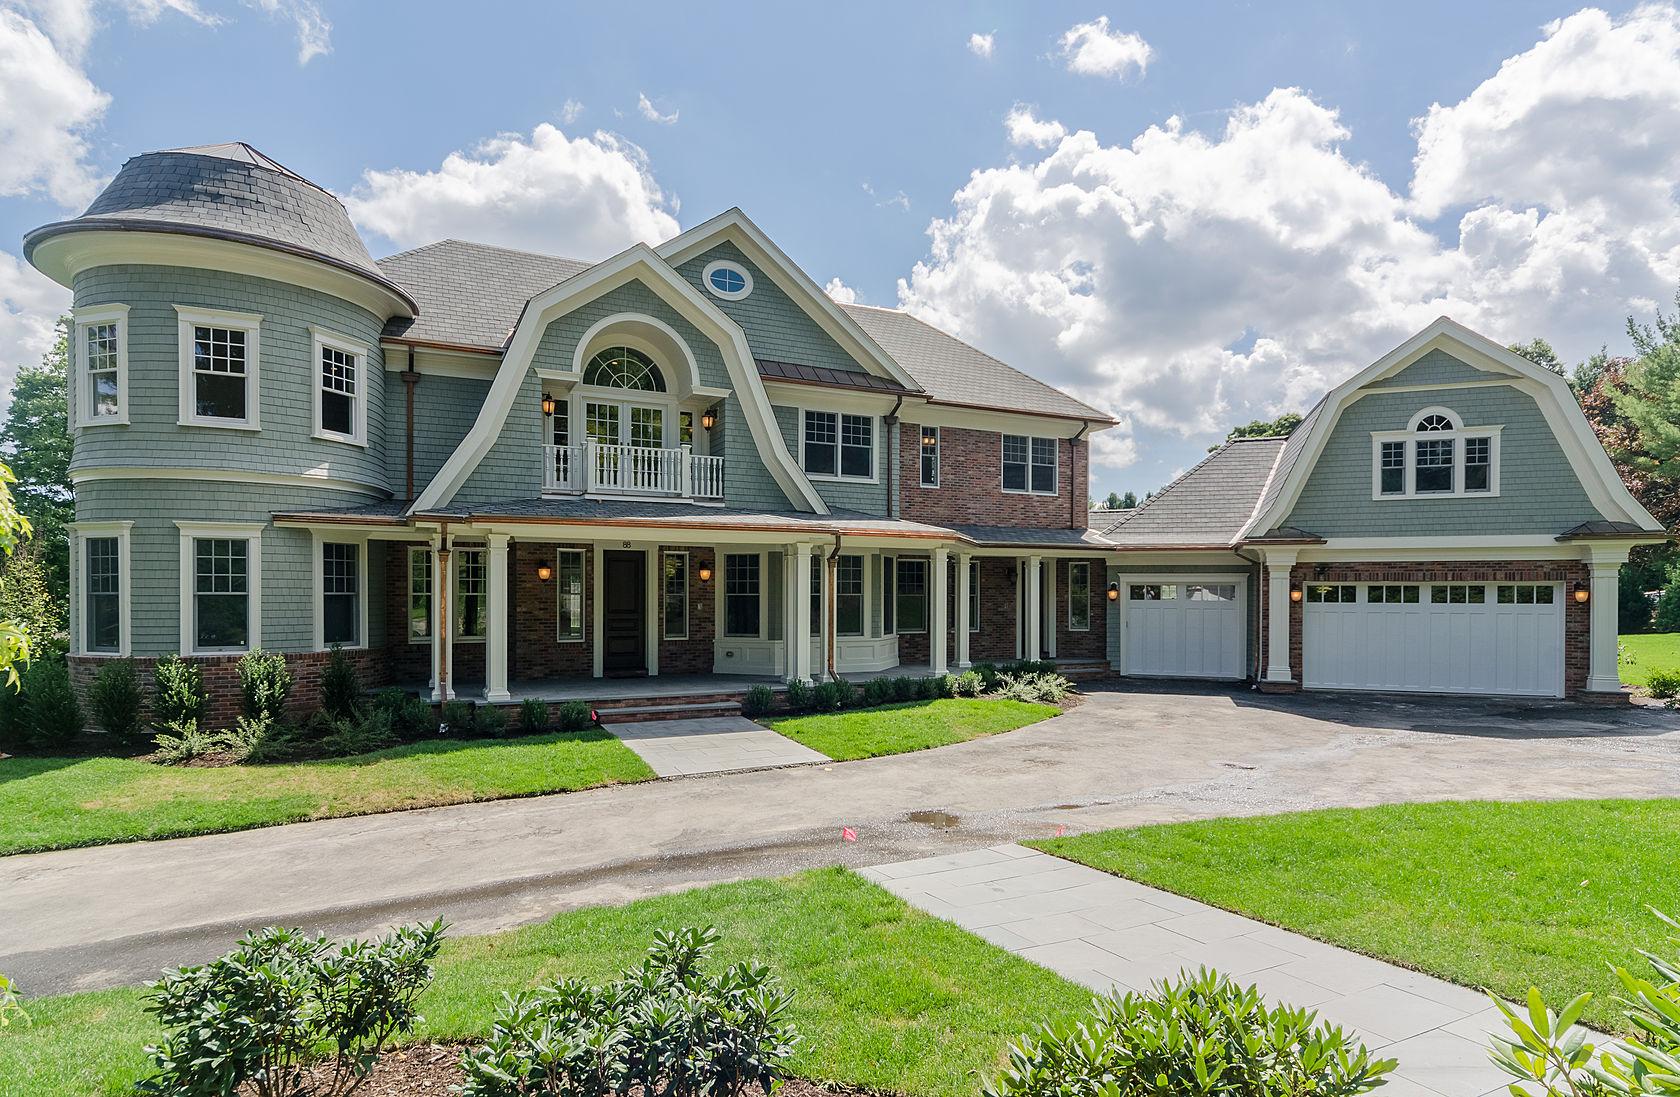 nantucket shingle style home - Nantucket Style House